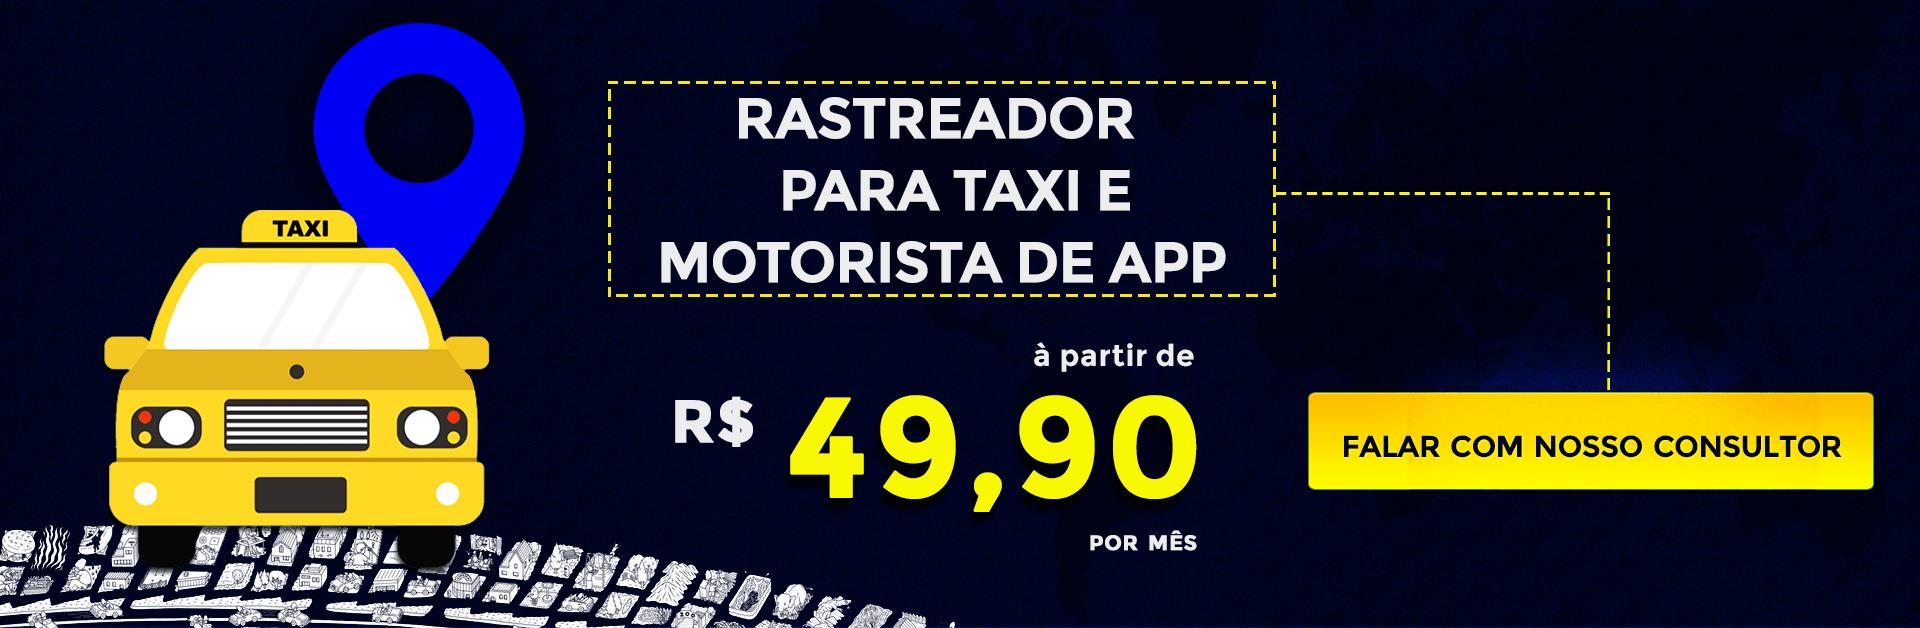 rastreador-para-taxi-e-app